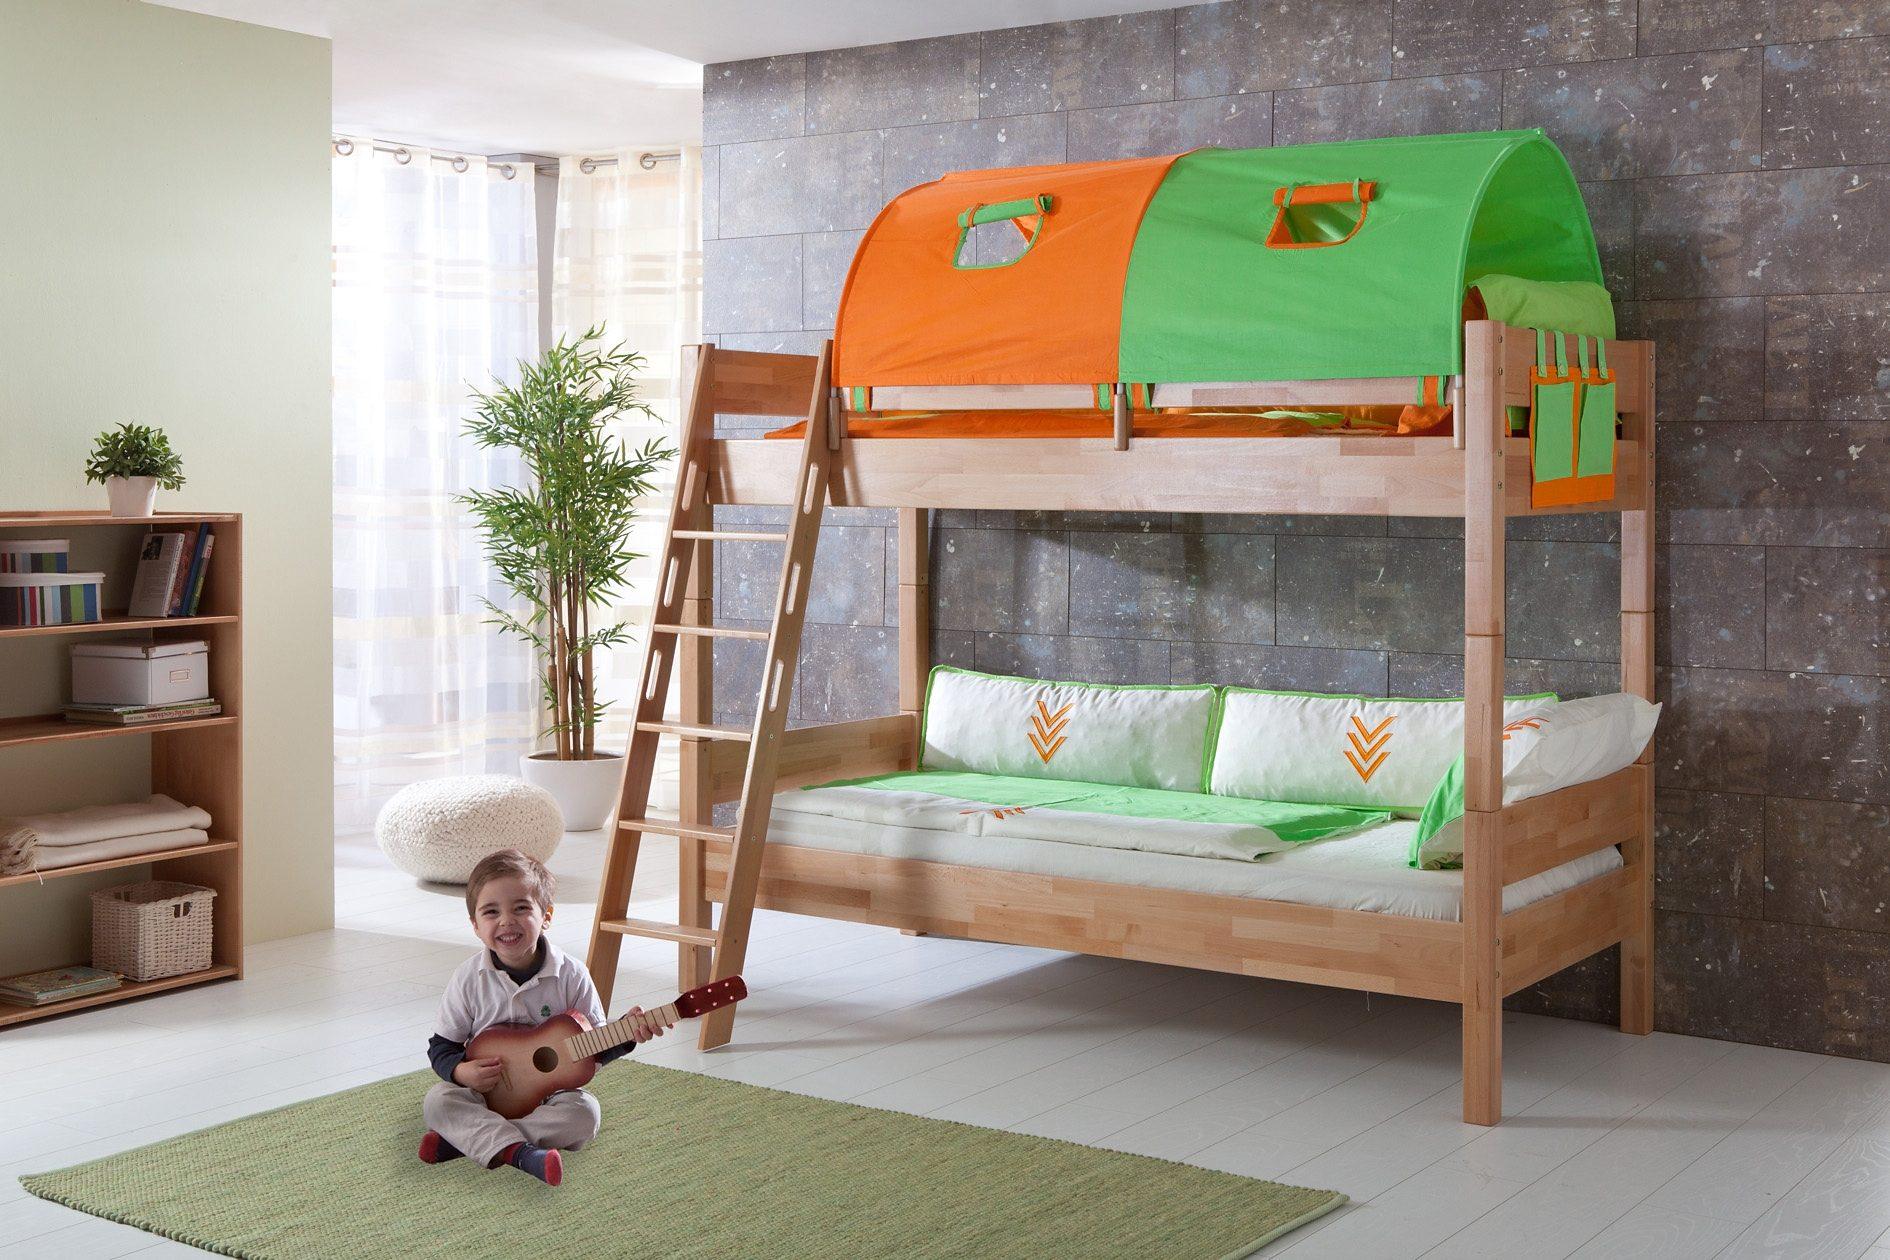 Etagenbett Set : Sconto etagenbetten online kaufen möbel suchmaschine ladendirekt.de